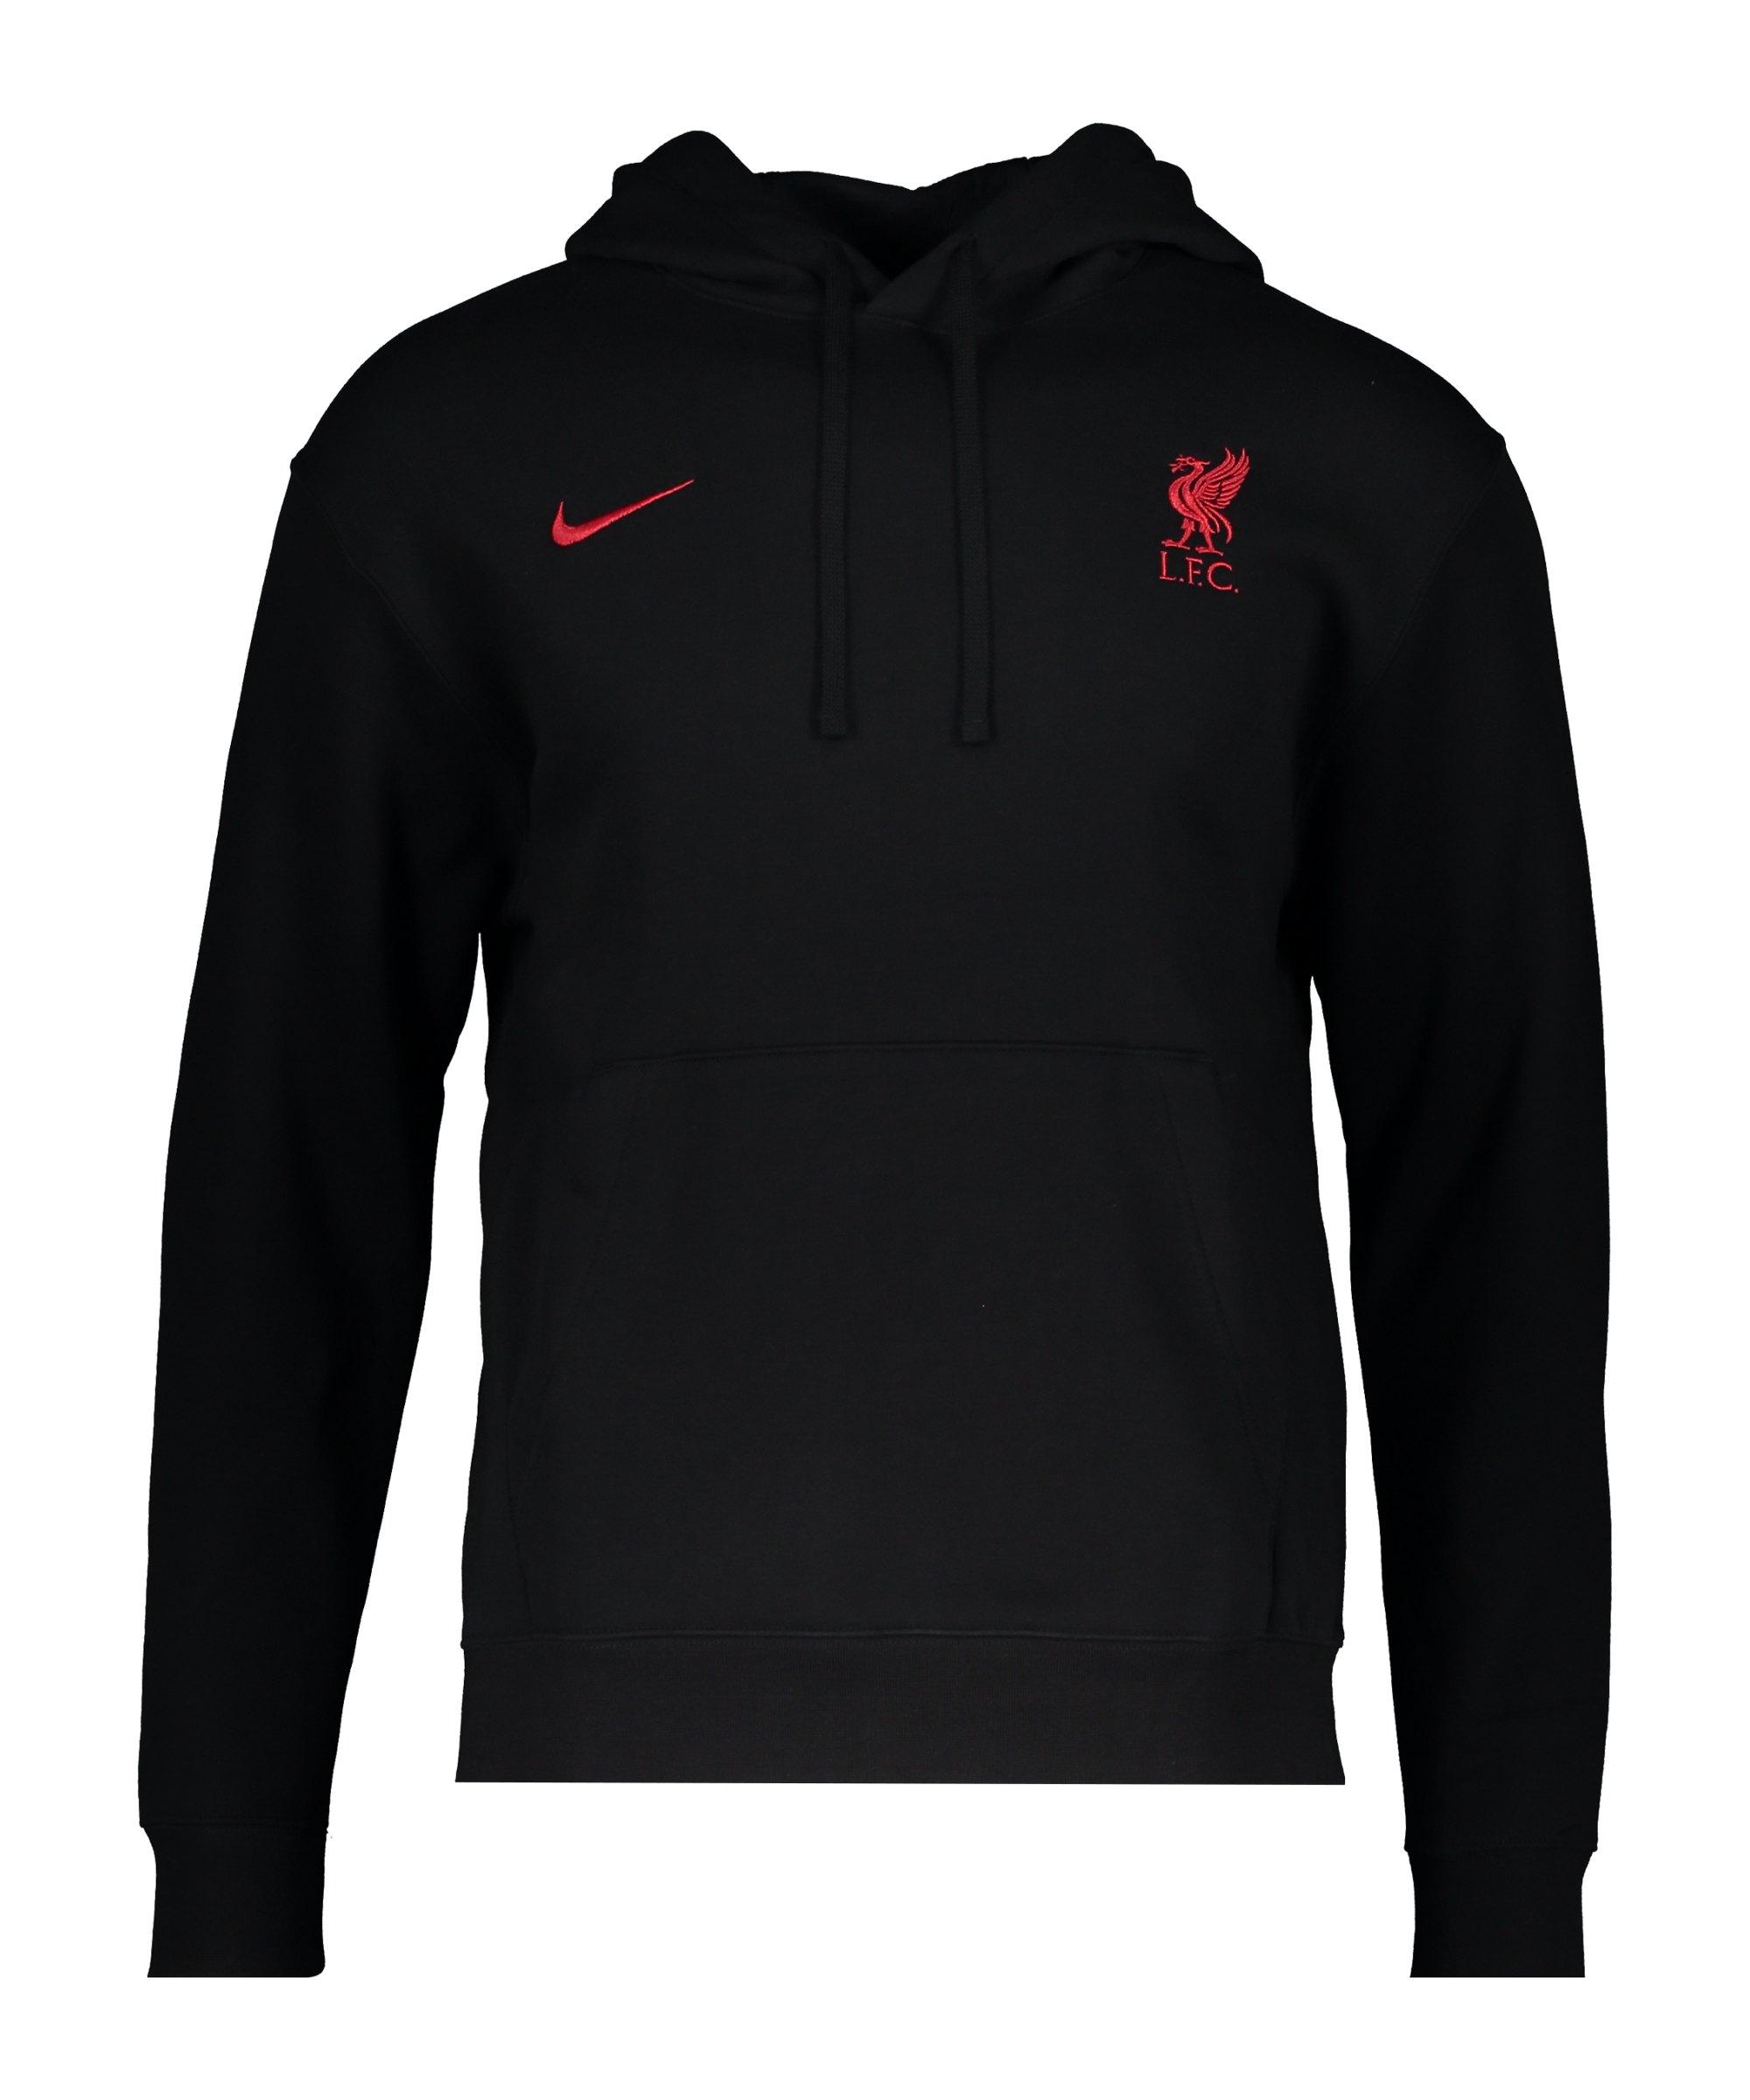 Nike FC Liverpool Club Hoody Schwarz Rot F012 - schwarz